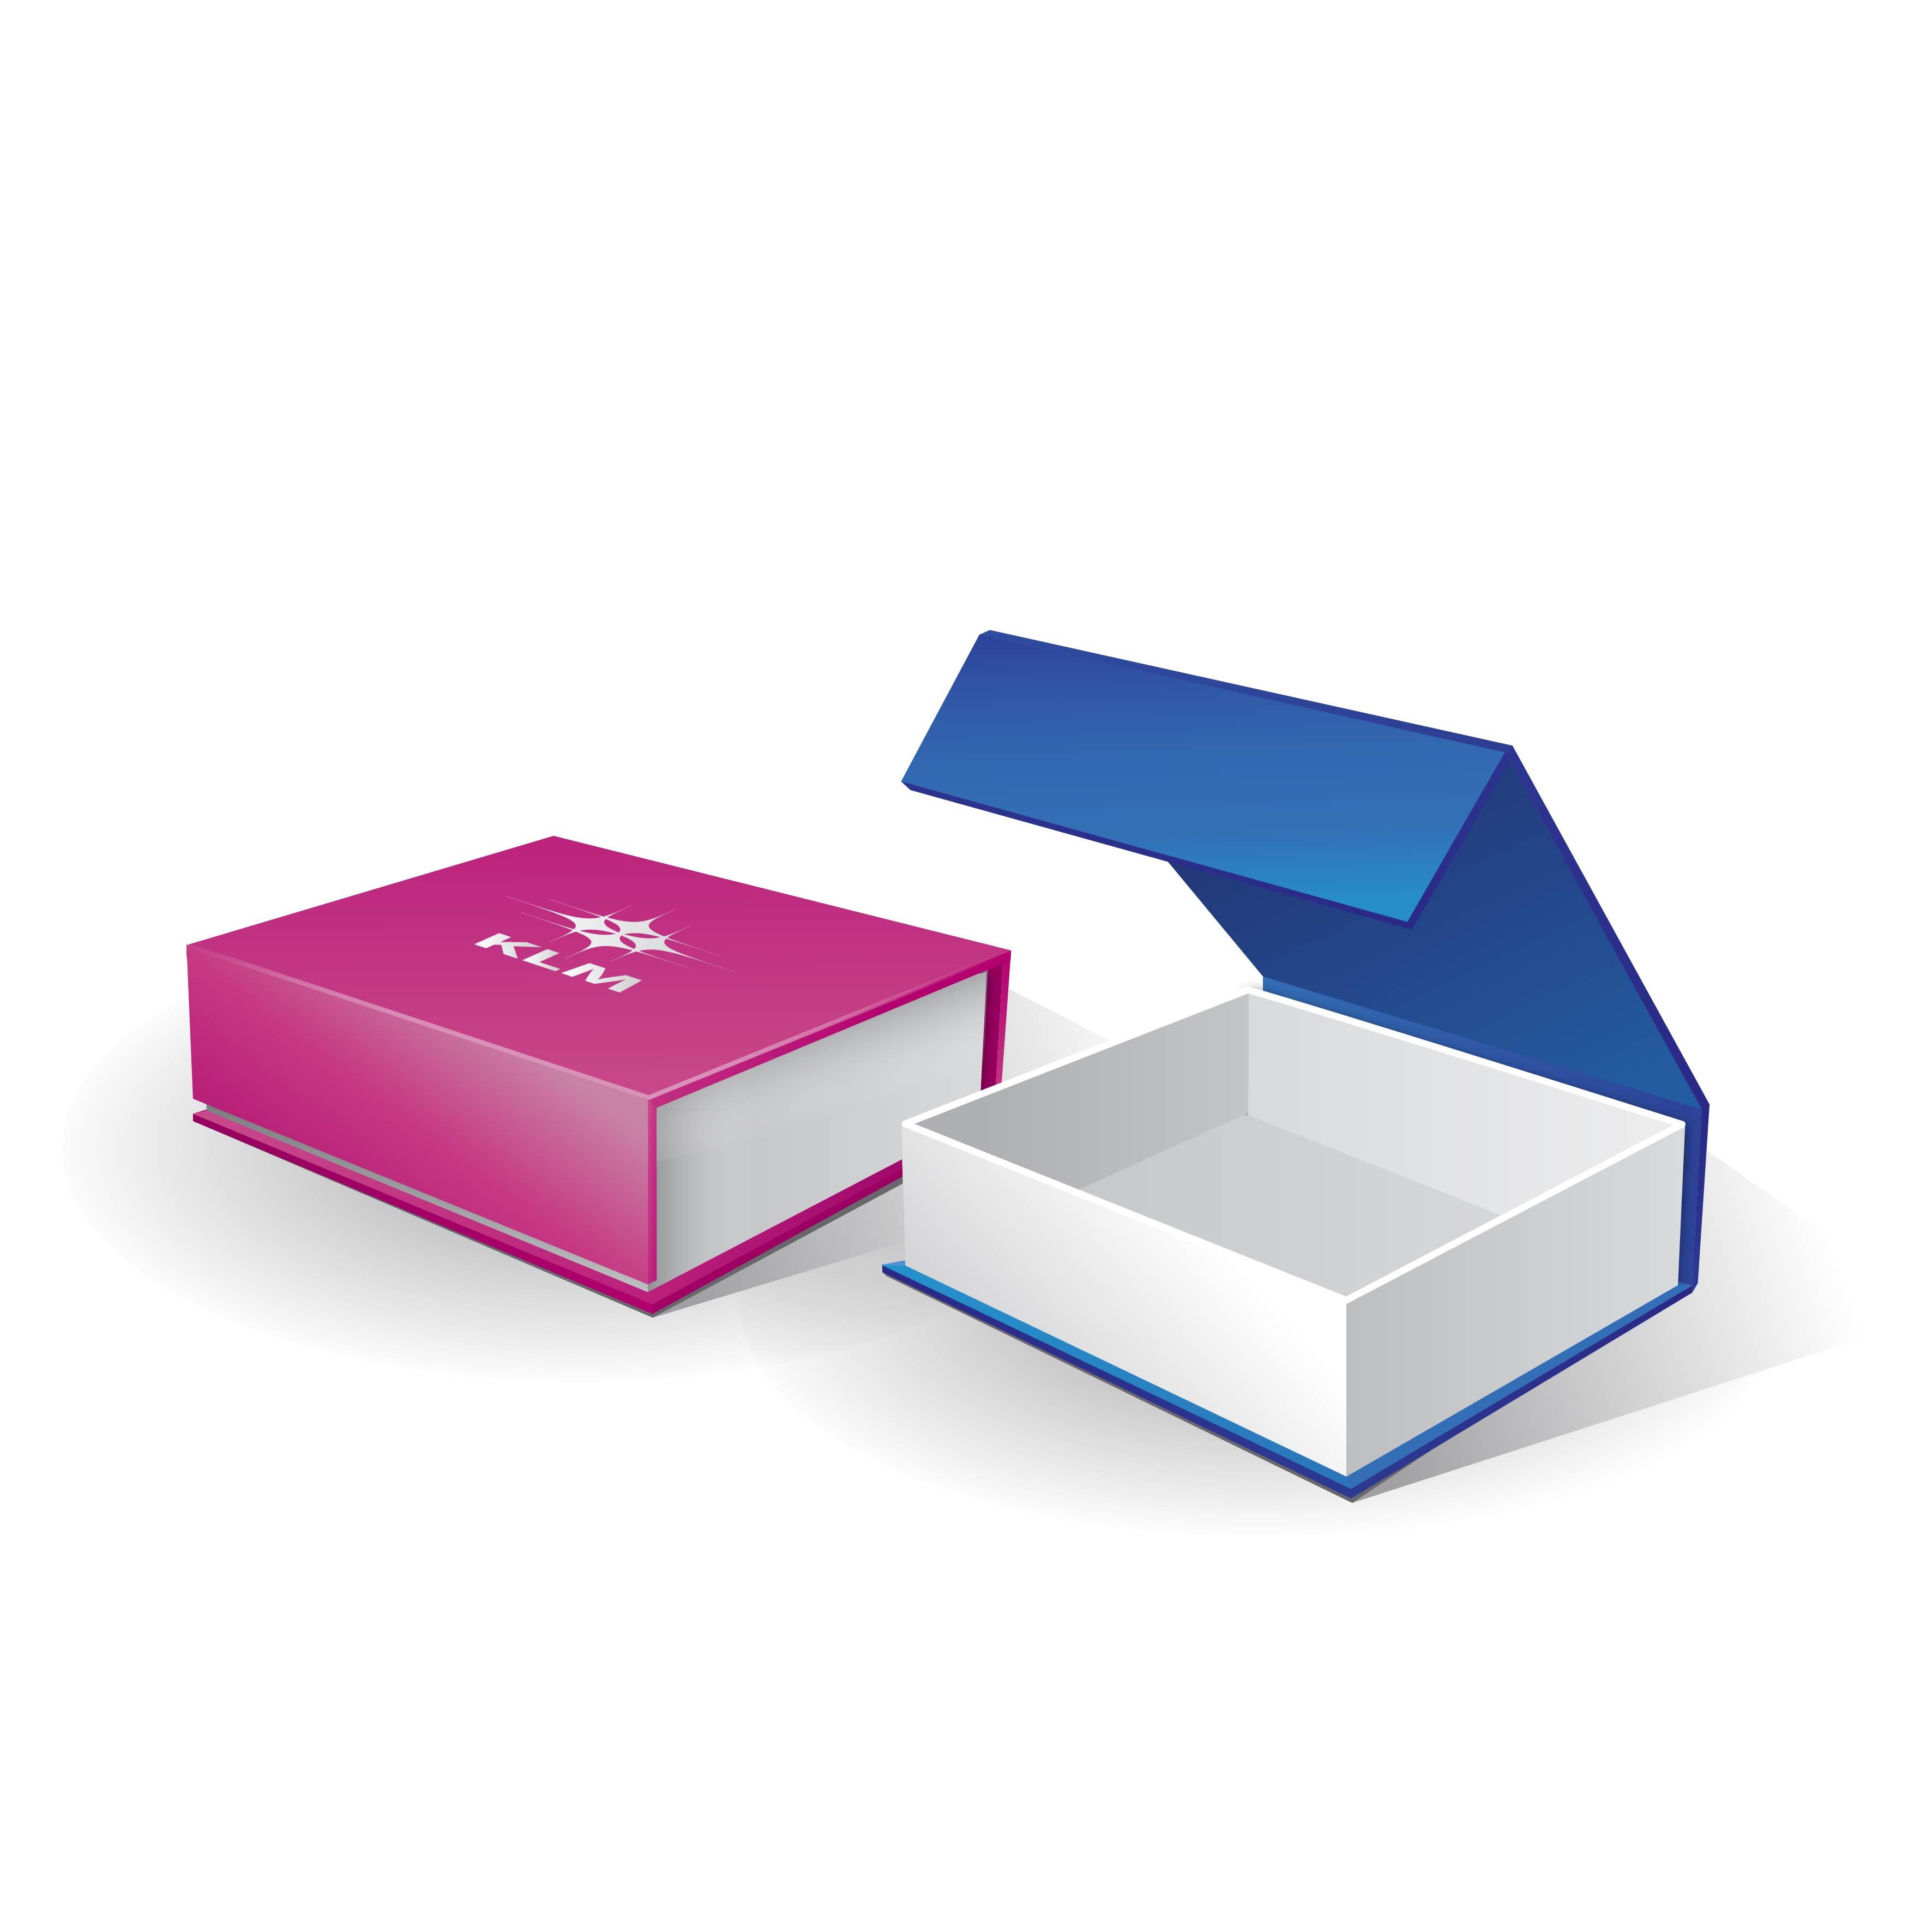 Как сделать прямоугольную коробочку из бумаги своими руками с крышкой